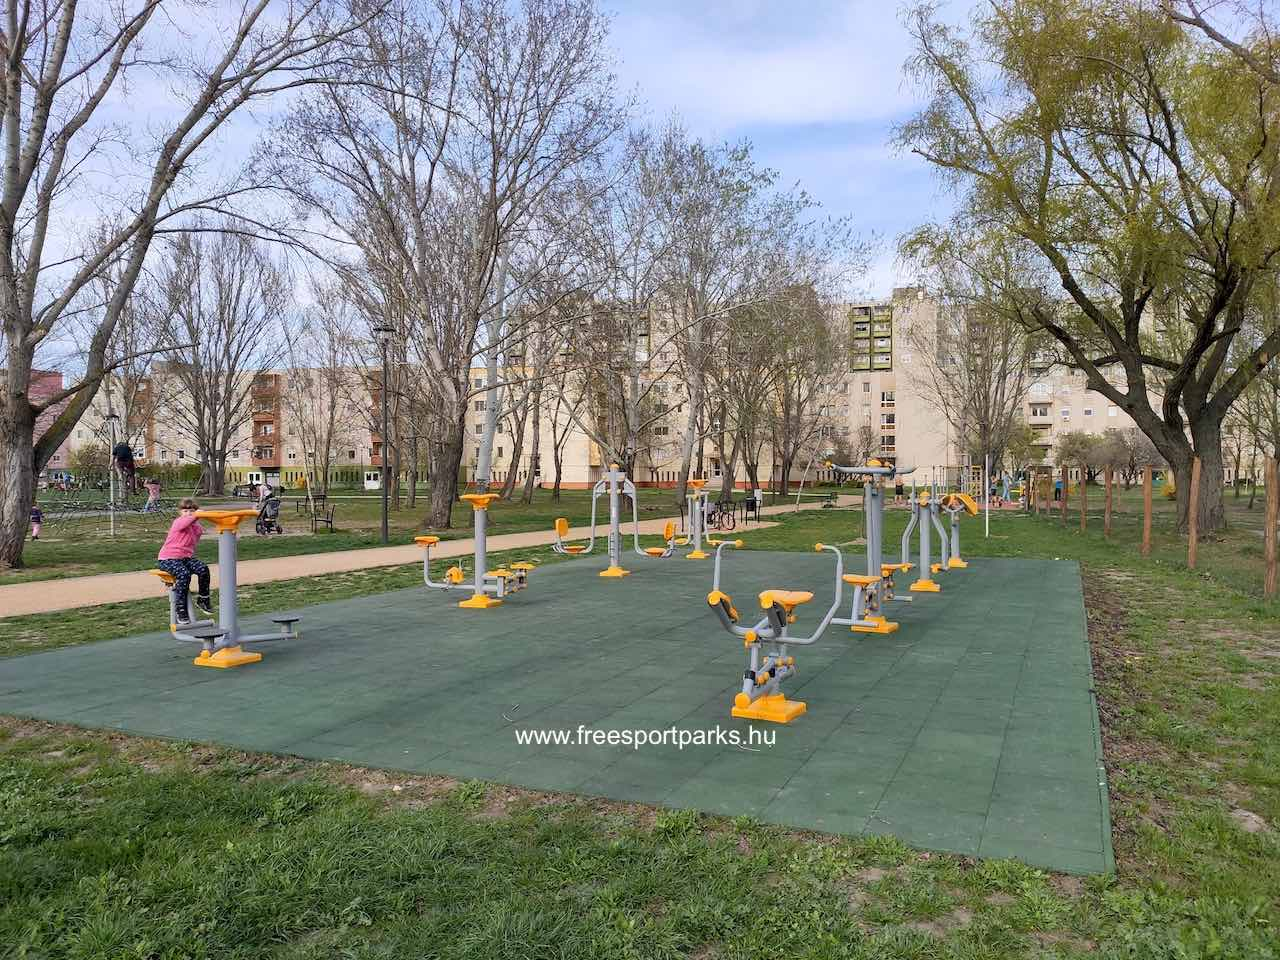 Fitneszpark - Palotavárosi szabadidőparkterületén